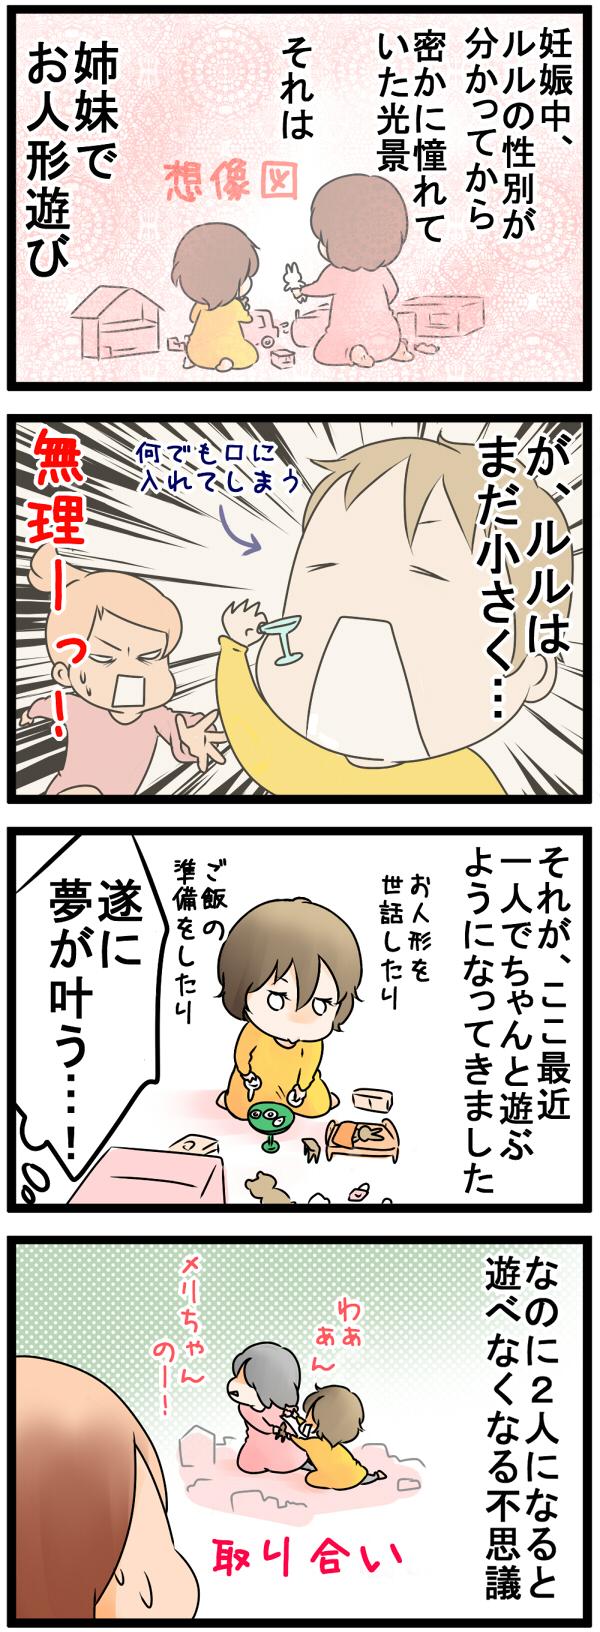 """憧れていた""""姉妹でお人形遊び""""の光景!ついに、見れる日が来た…!?の画像1"""